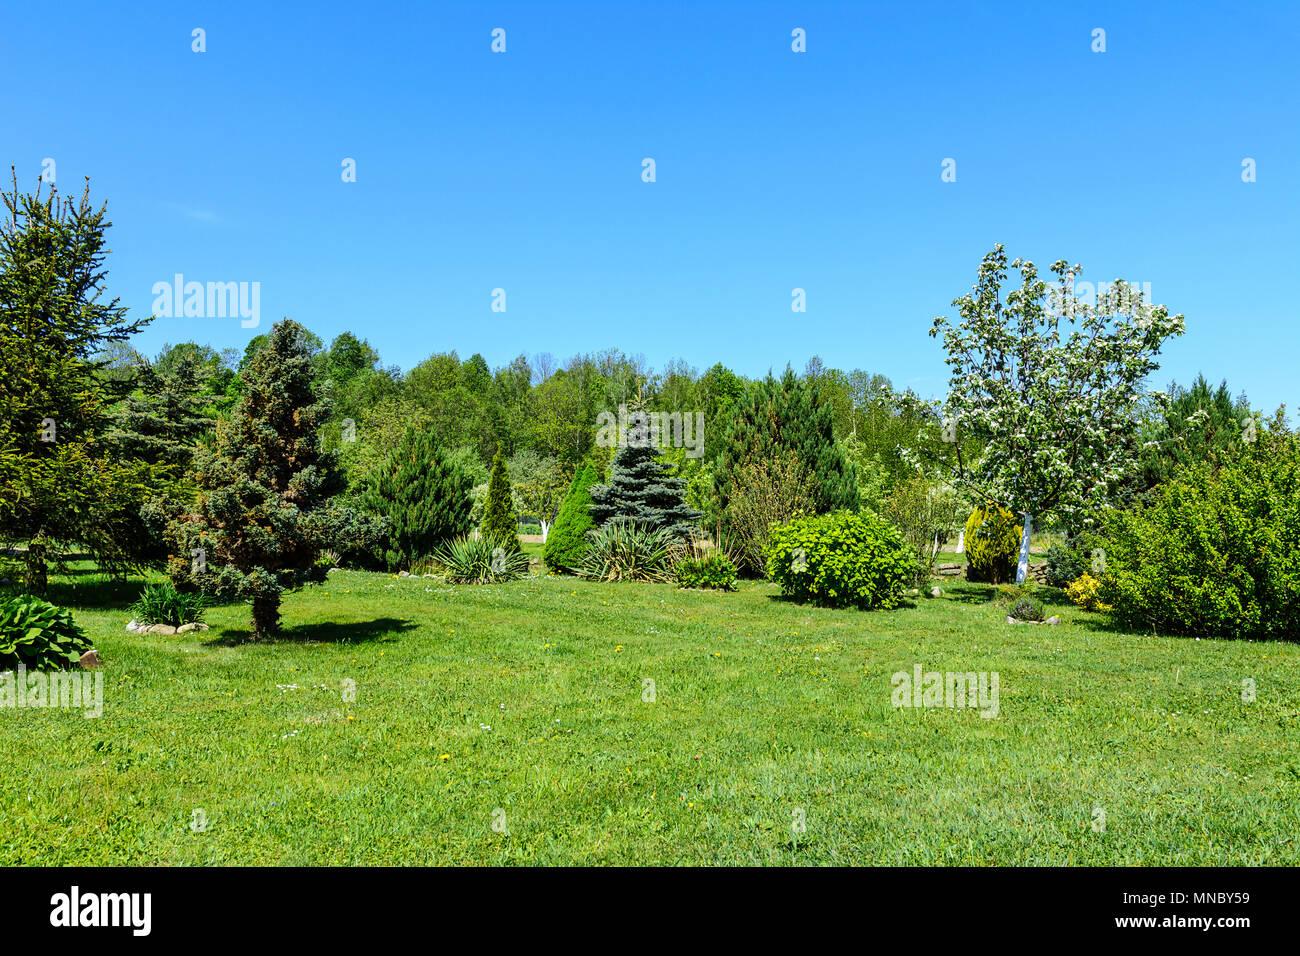 Frühling Garten Landschaft Grüner Rasen Nadelbäume Obstbäume